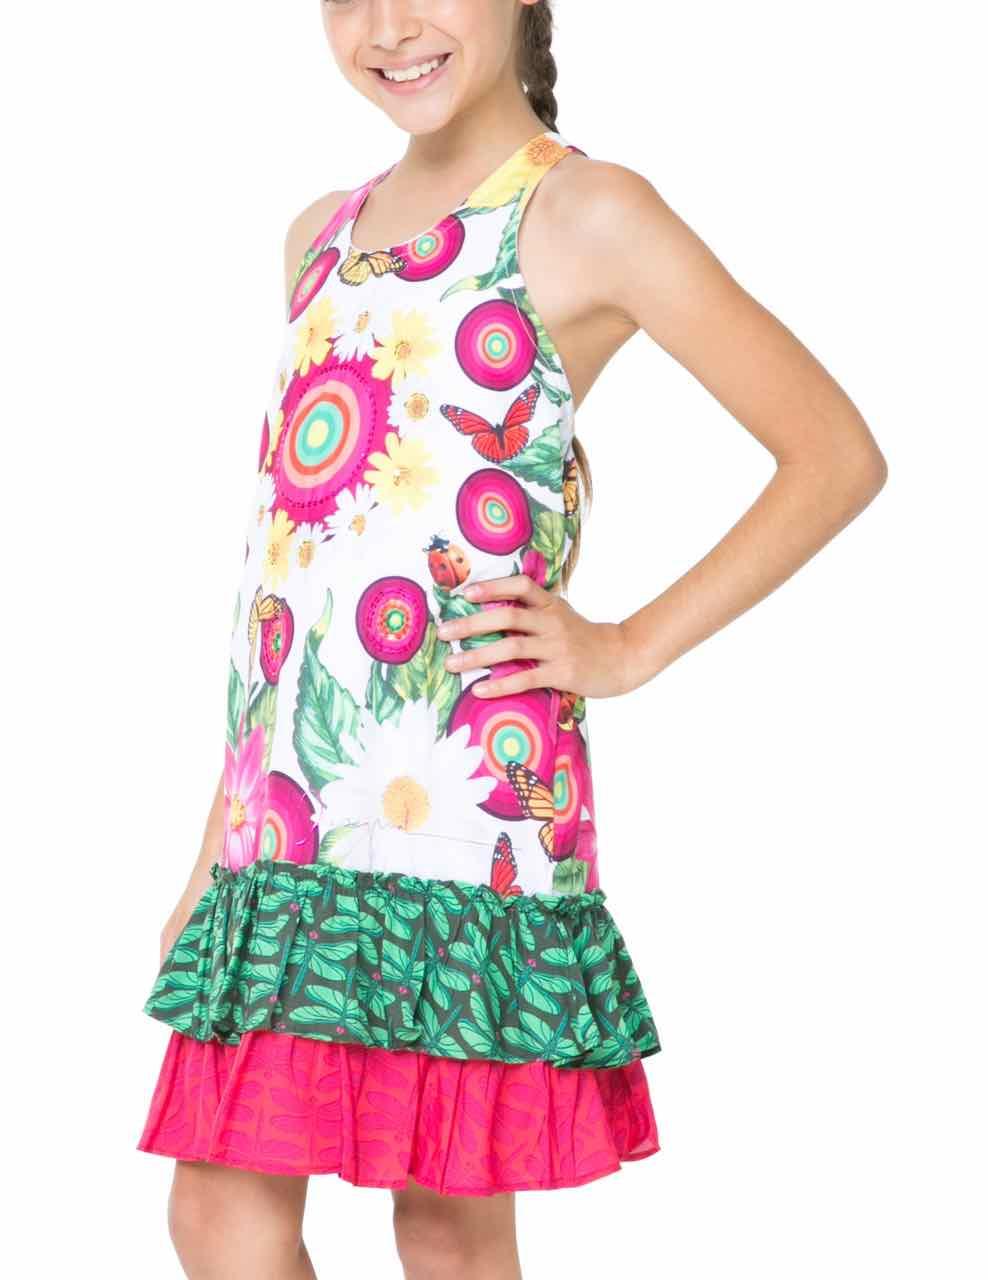 61V32B4_1000 Desigual Girl Dress Brazzaville